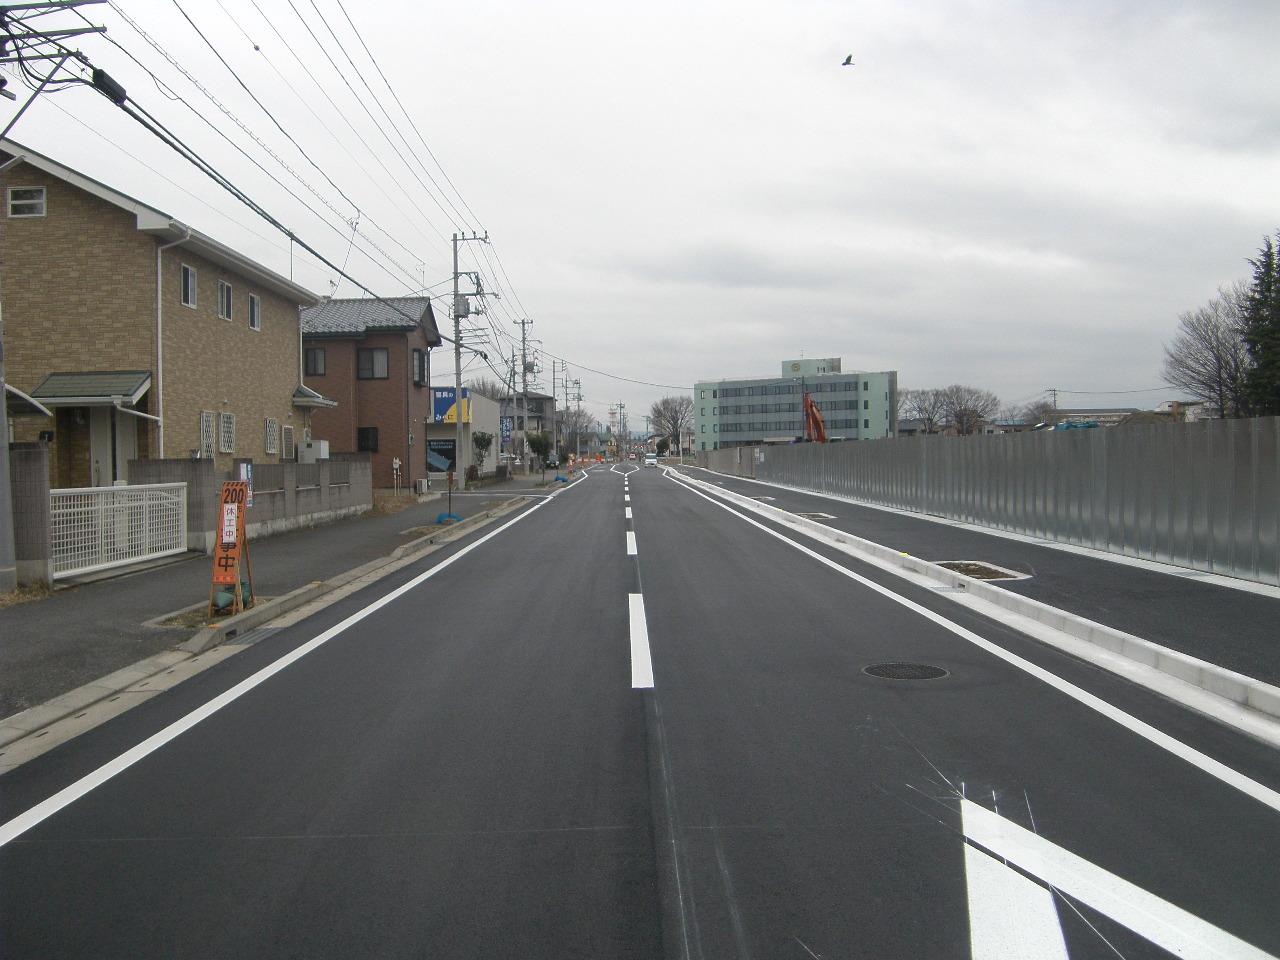 二中地区(第三)土地区画整理事業 都市計画道路整備工事 写真